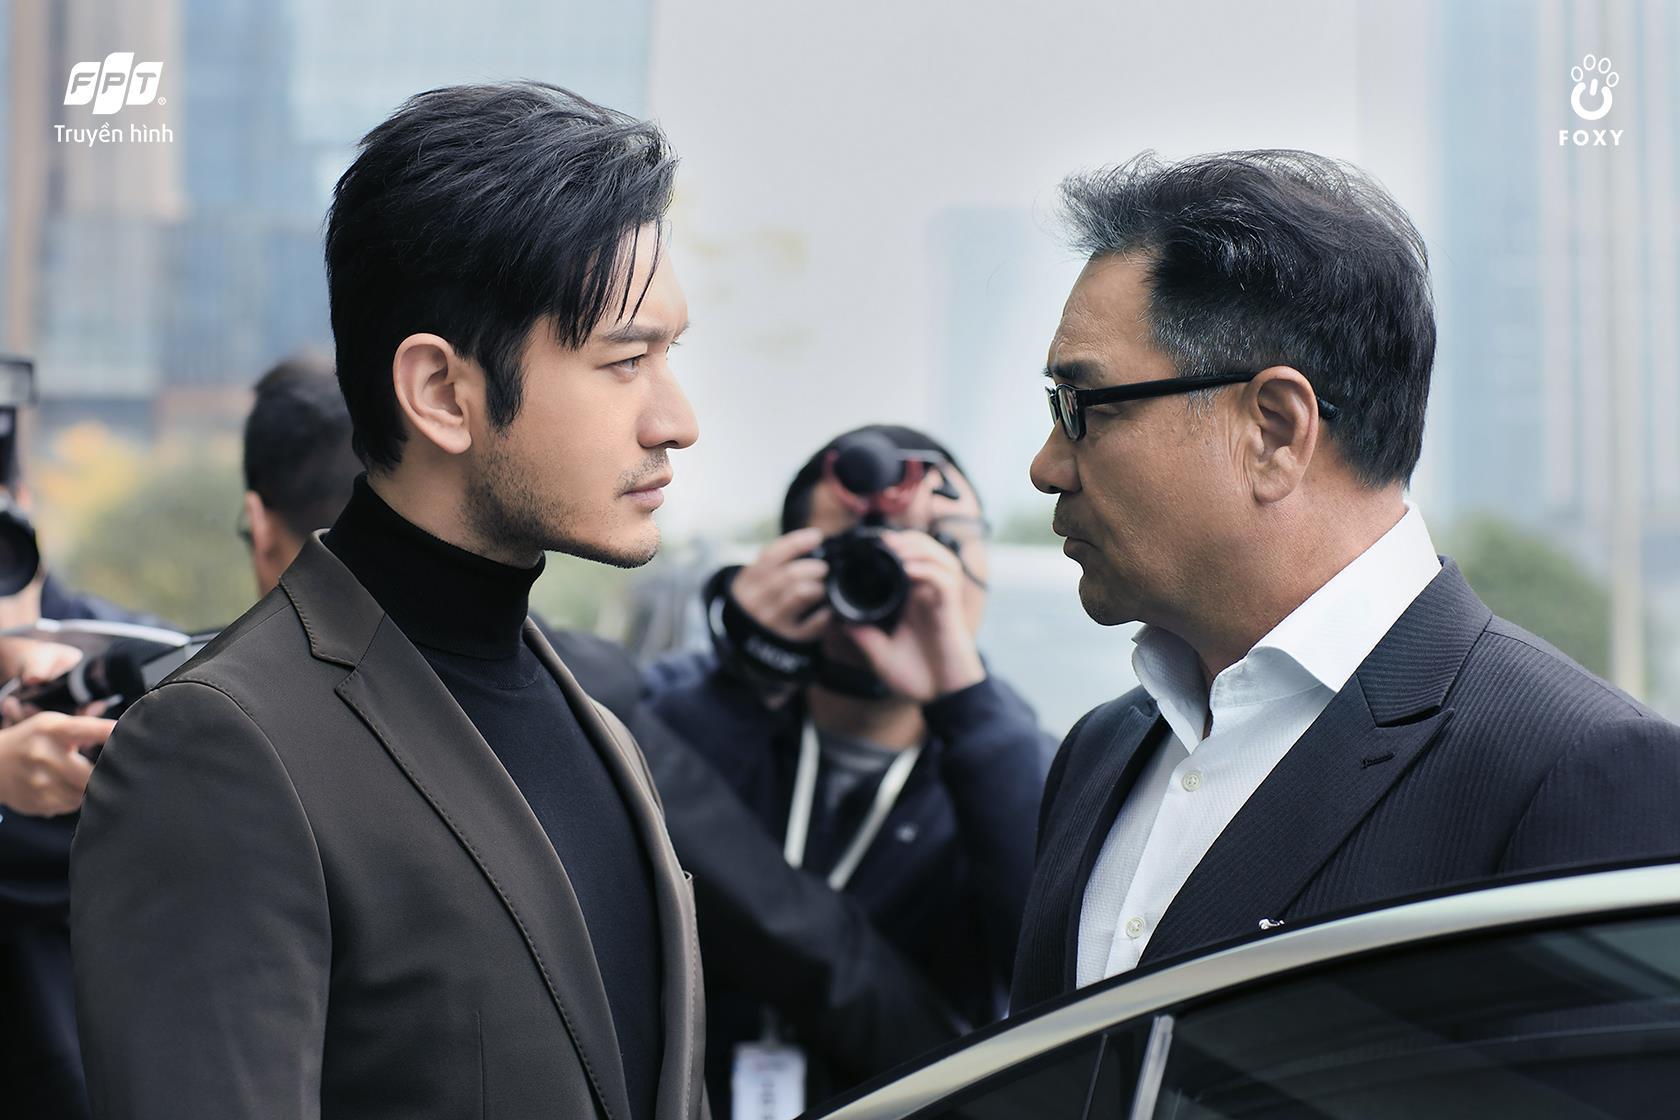 Tái ngộ Huỳnh Hiểu Minh trong bộ phim Lật Kèo ra mắt trên Truyền hình FPT - Ảnh 4.